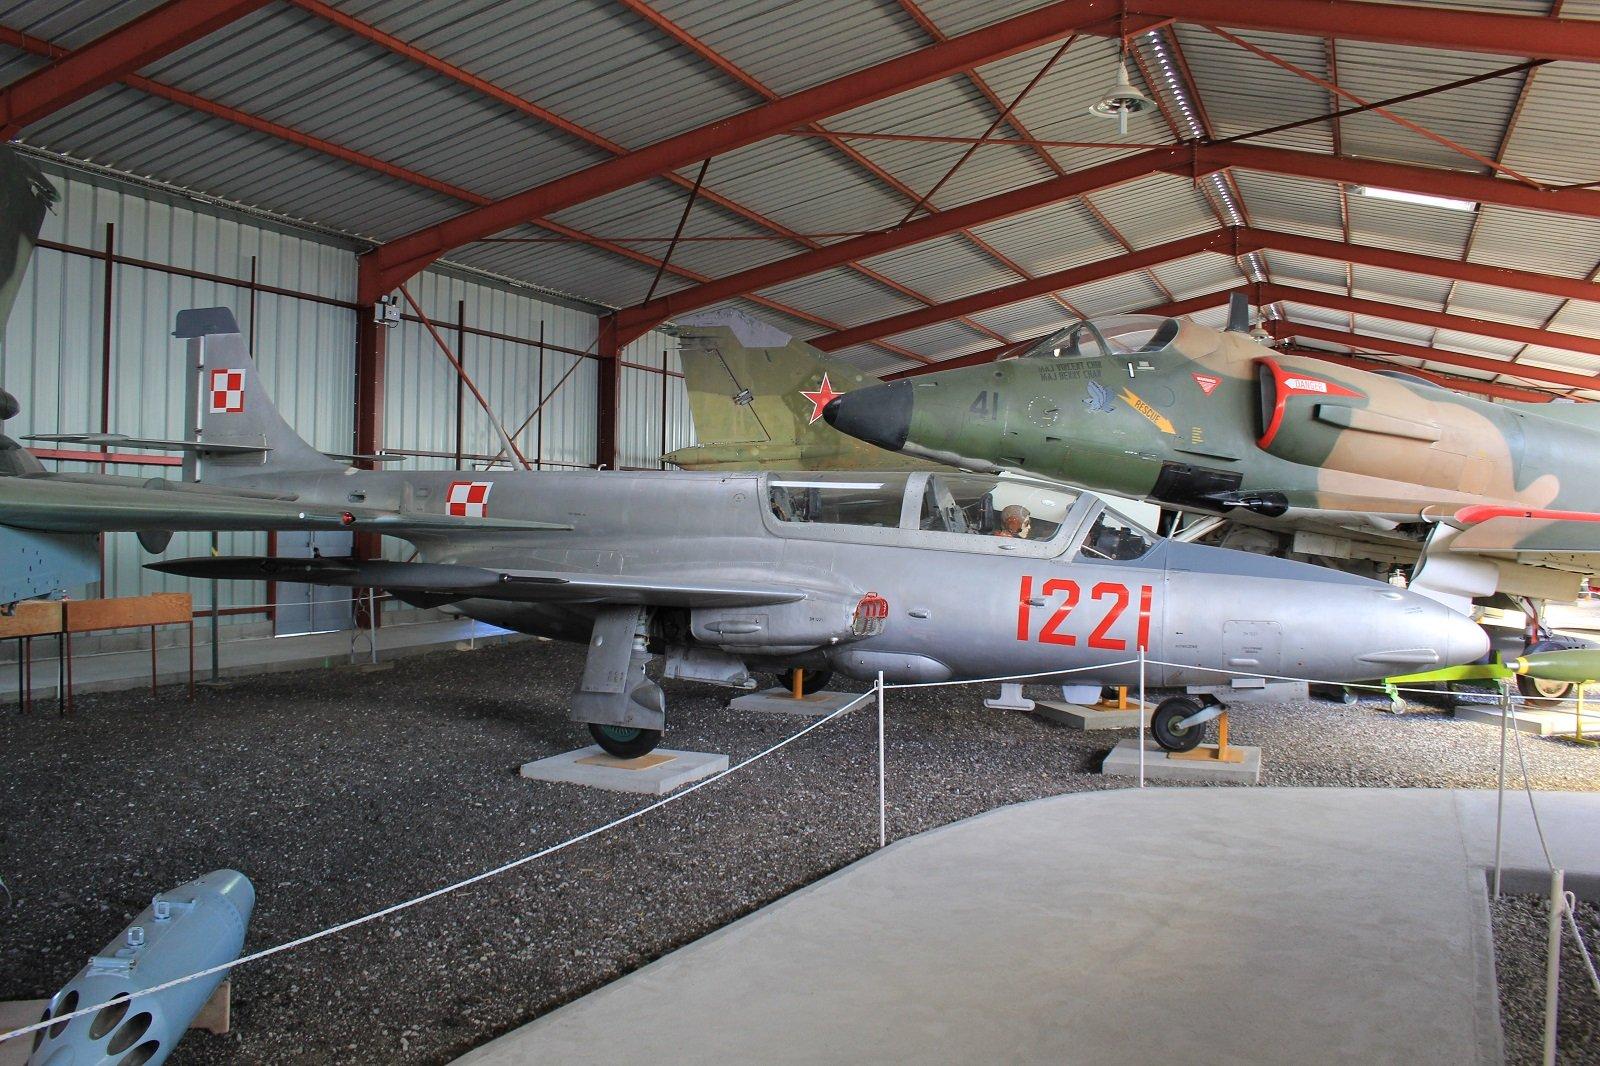 musée de l'aviation de chasse de Montelimar  - Page 2 191030070541299333